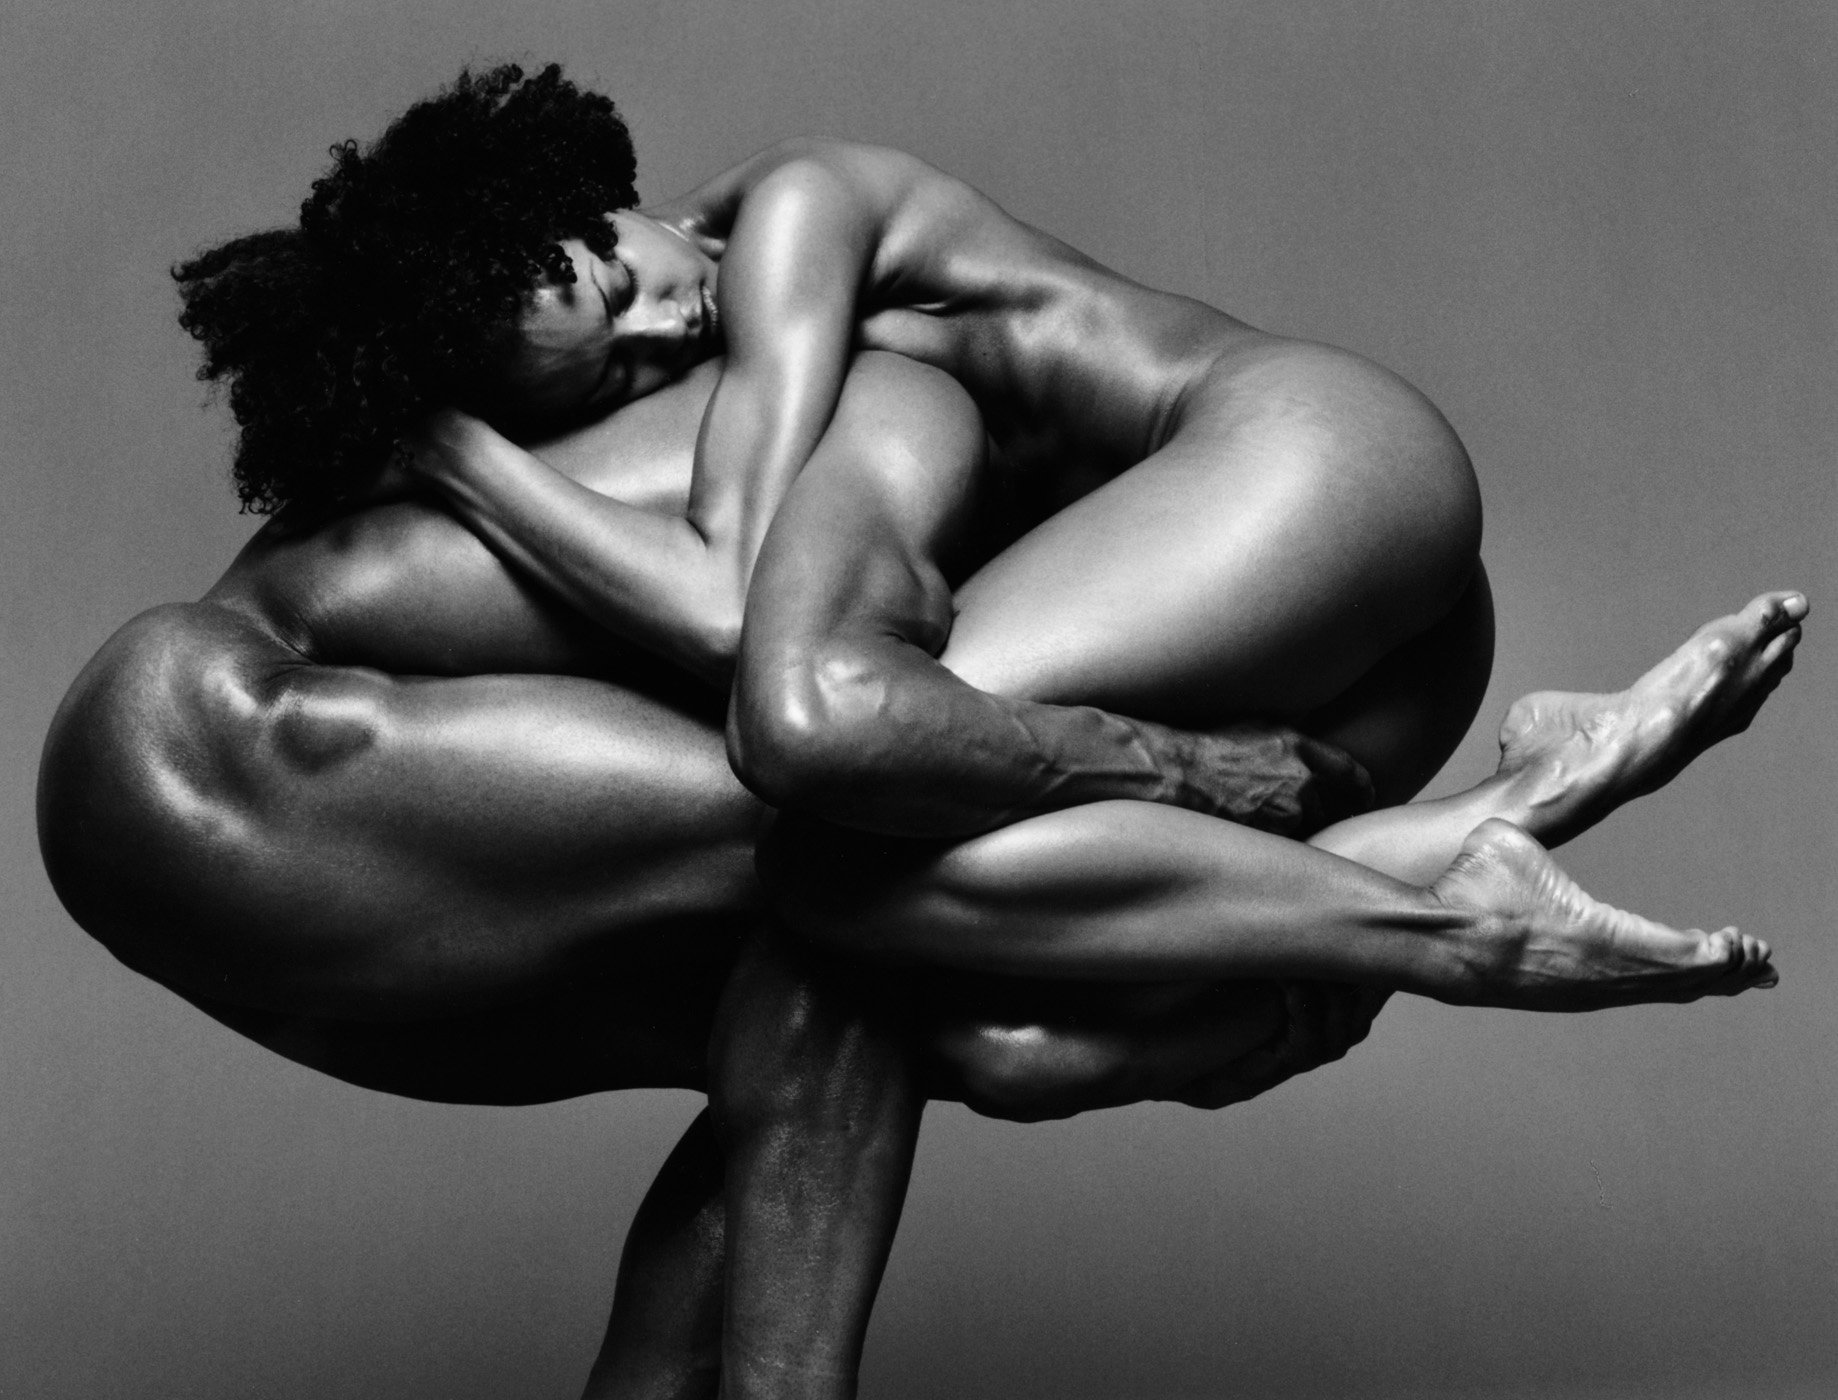 Эротика мужики и женский, Двое мужчин и одна женщина » Порно видео 18 фотография